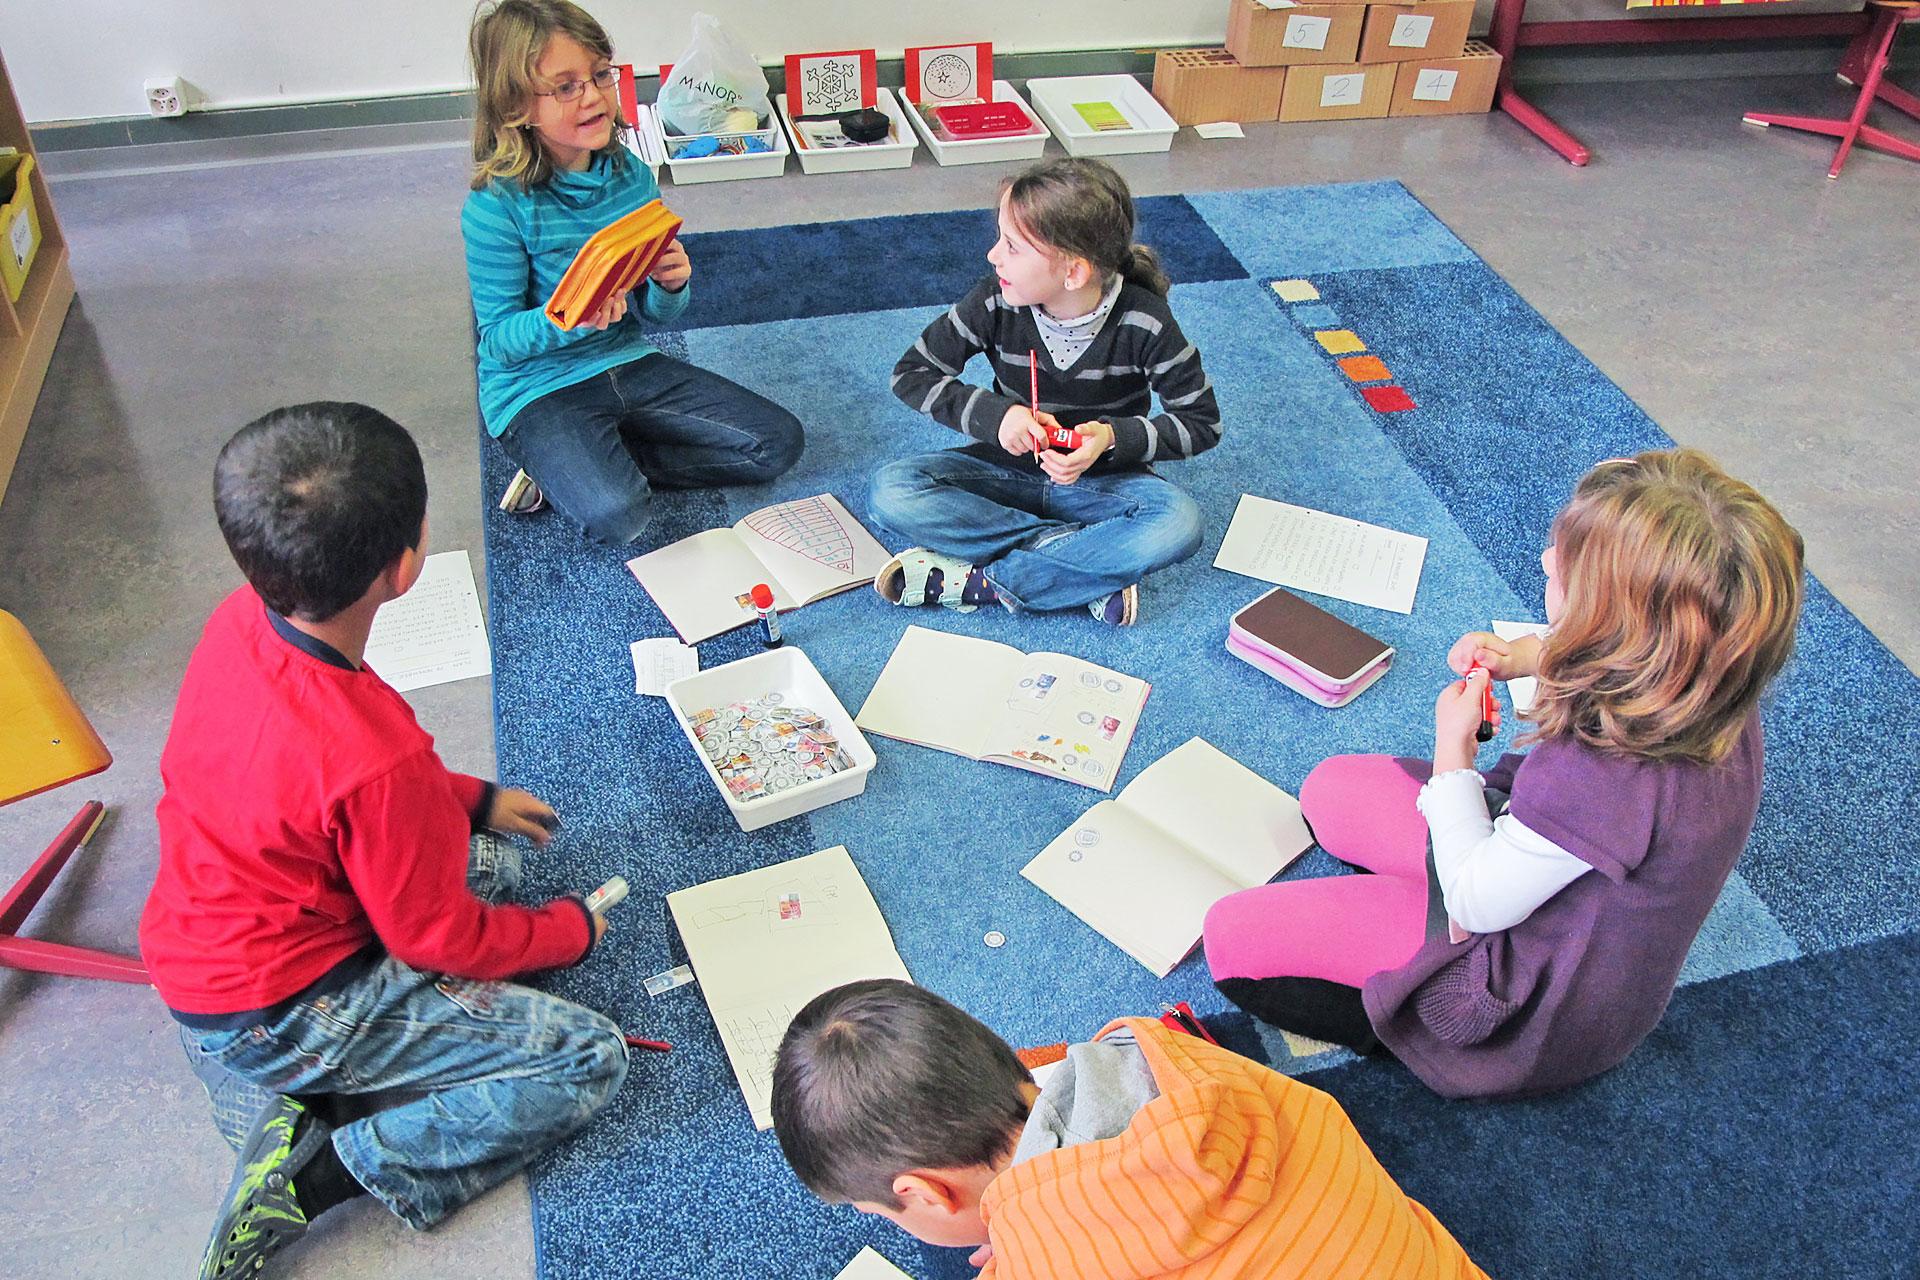 fünf Lernende sitzen auf einem Teppich im Schulzimmer und lösen Aufgaben